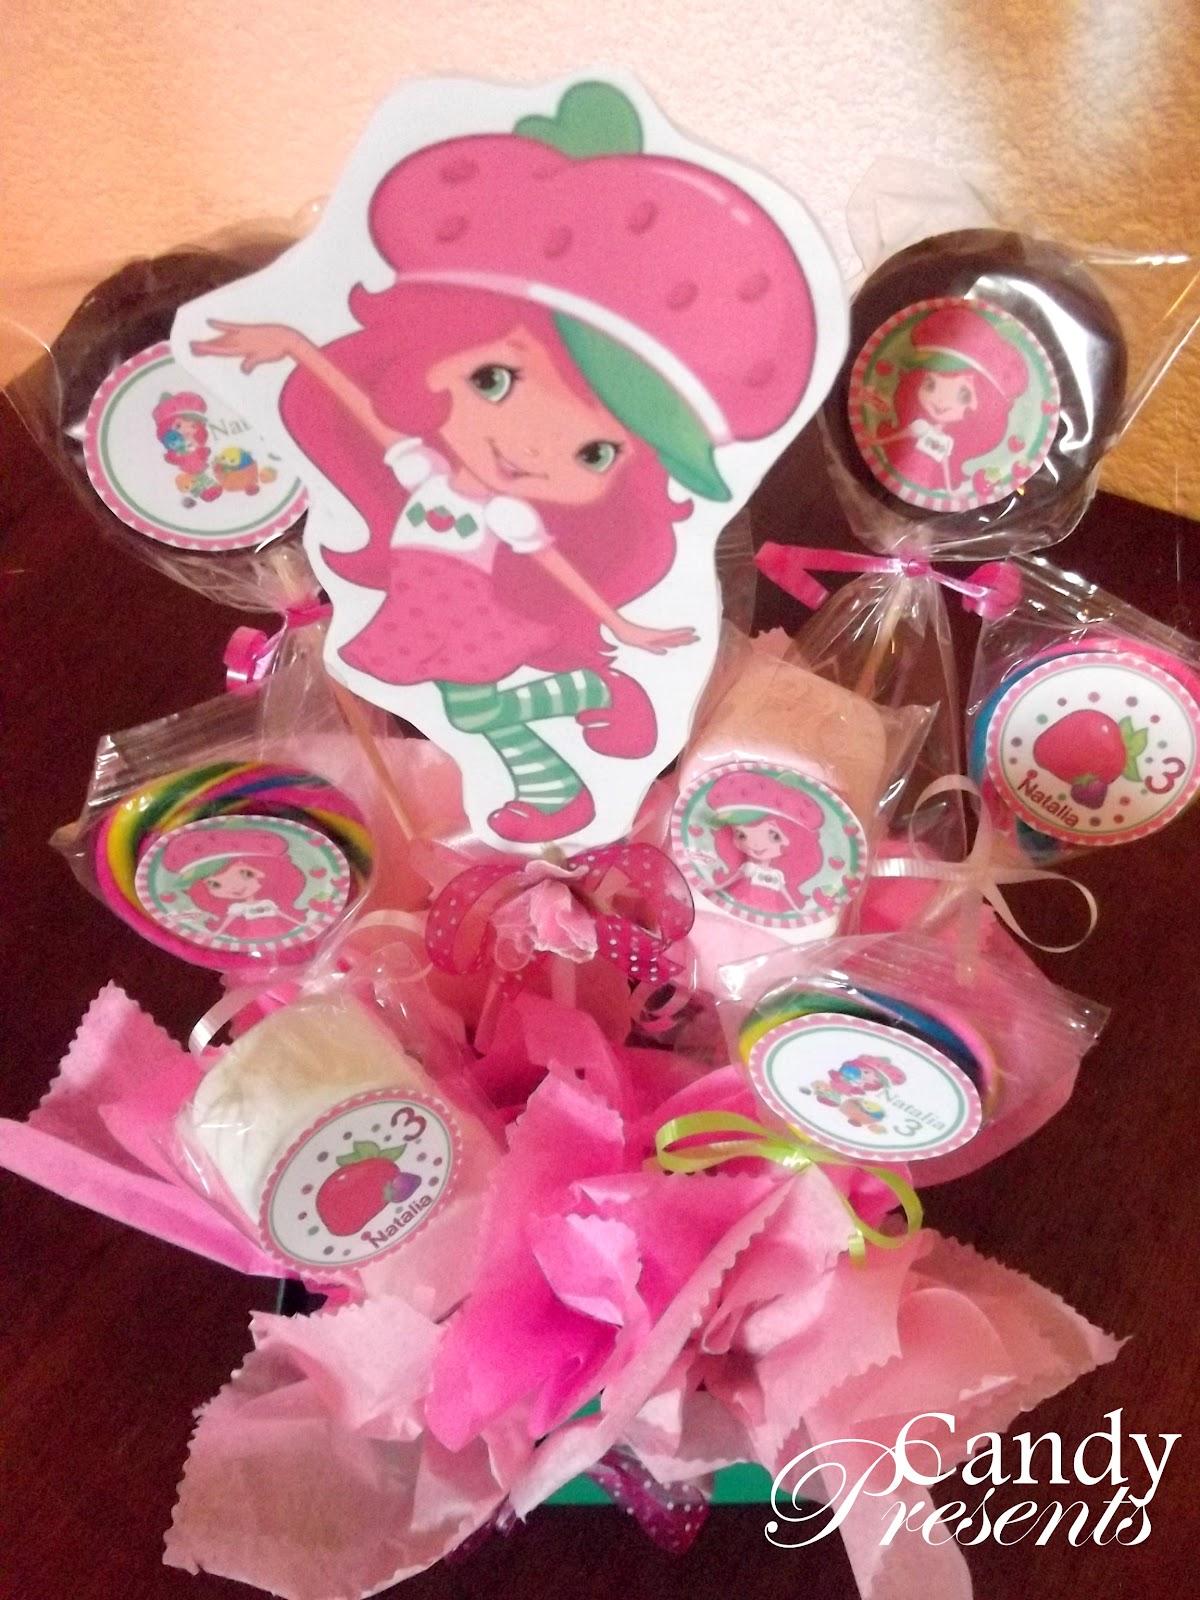 Candy presents centros de mesa infantiles con muchos - Mesa dulce infantil ...